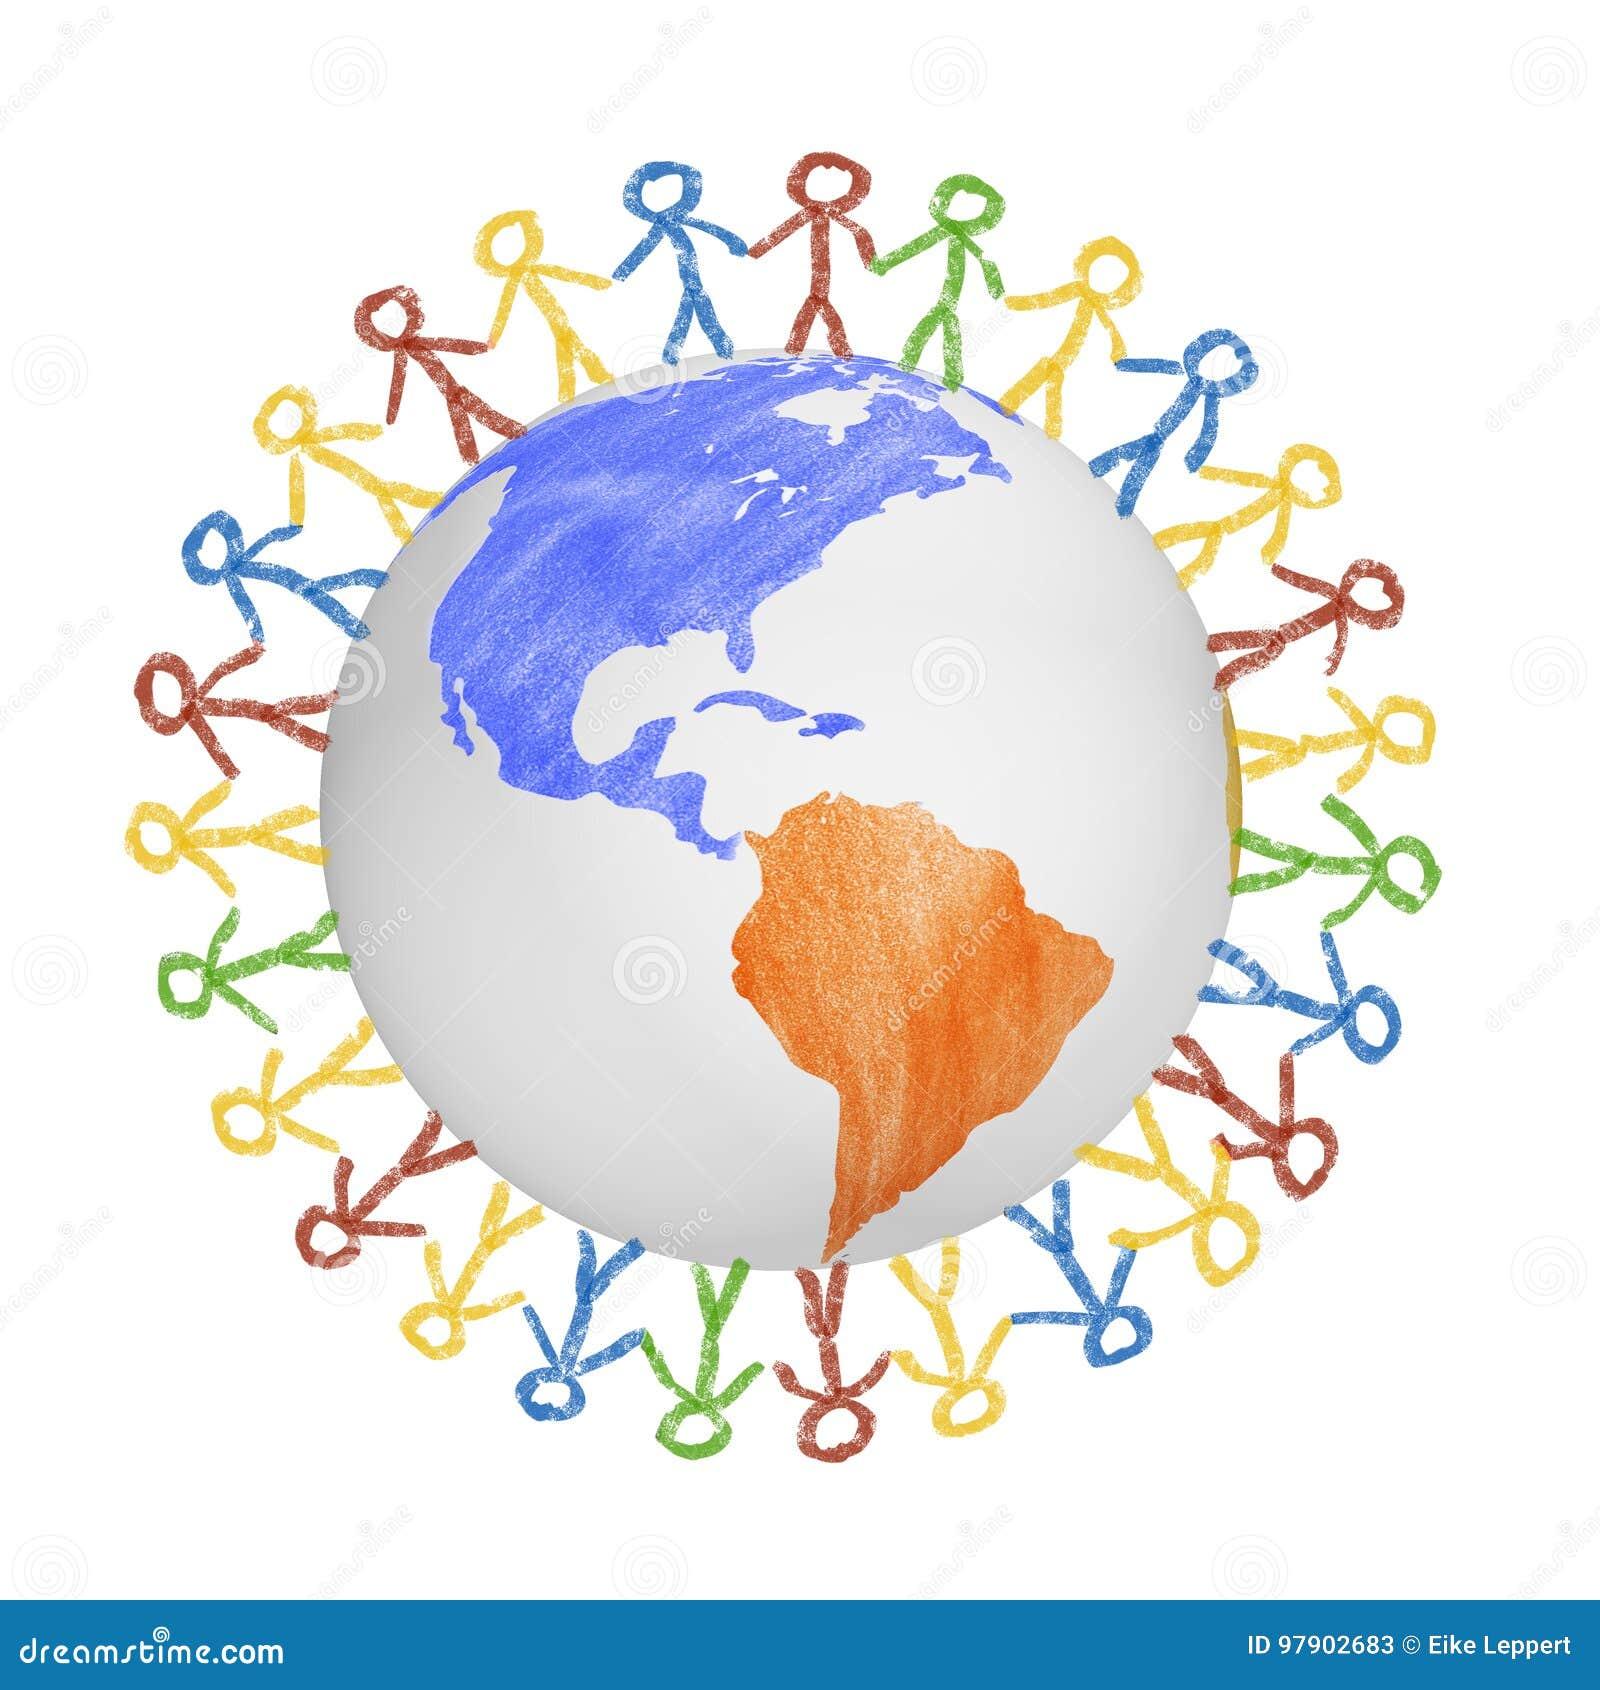 3D Bol met de mening over Amerika met getrokken mensen die handen houden Concept voor vriendschap, globalisering, mededeling